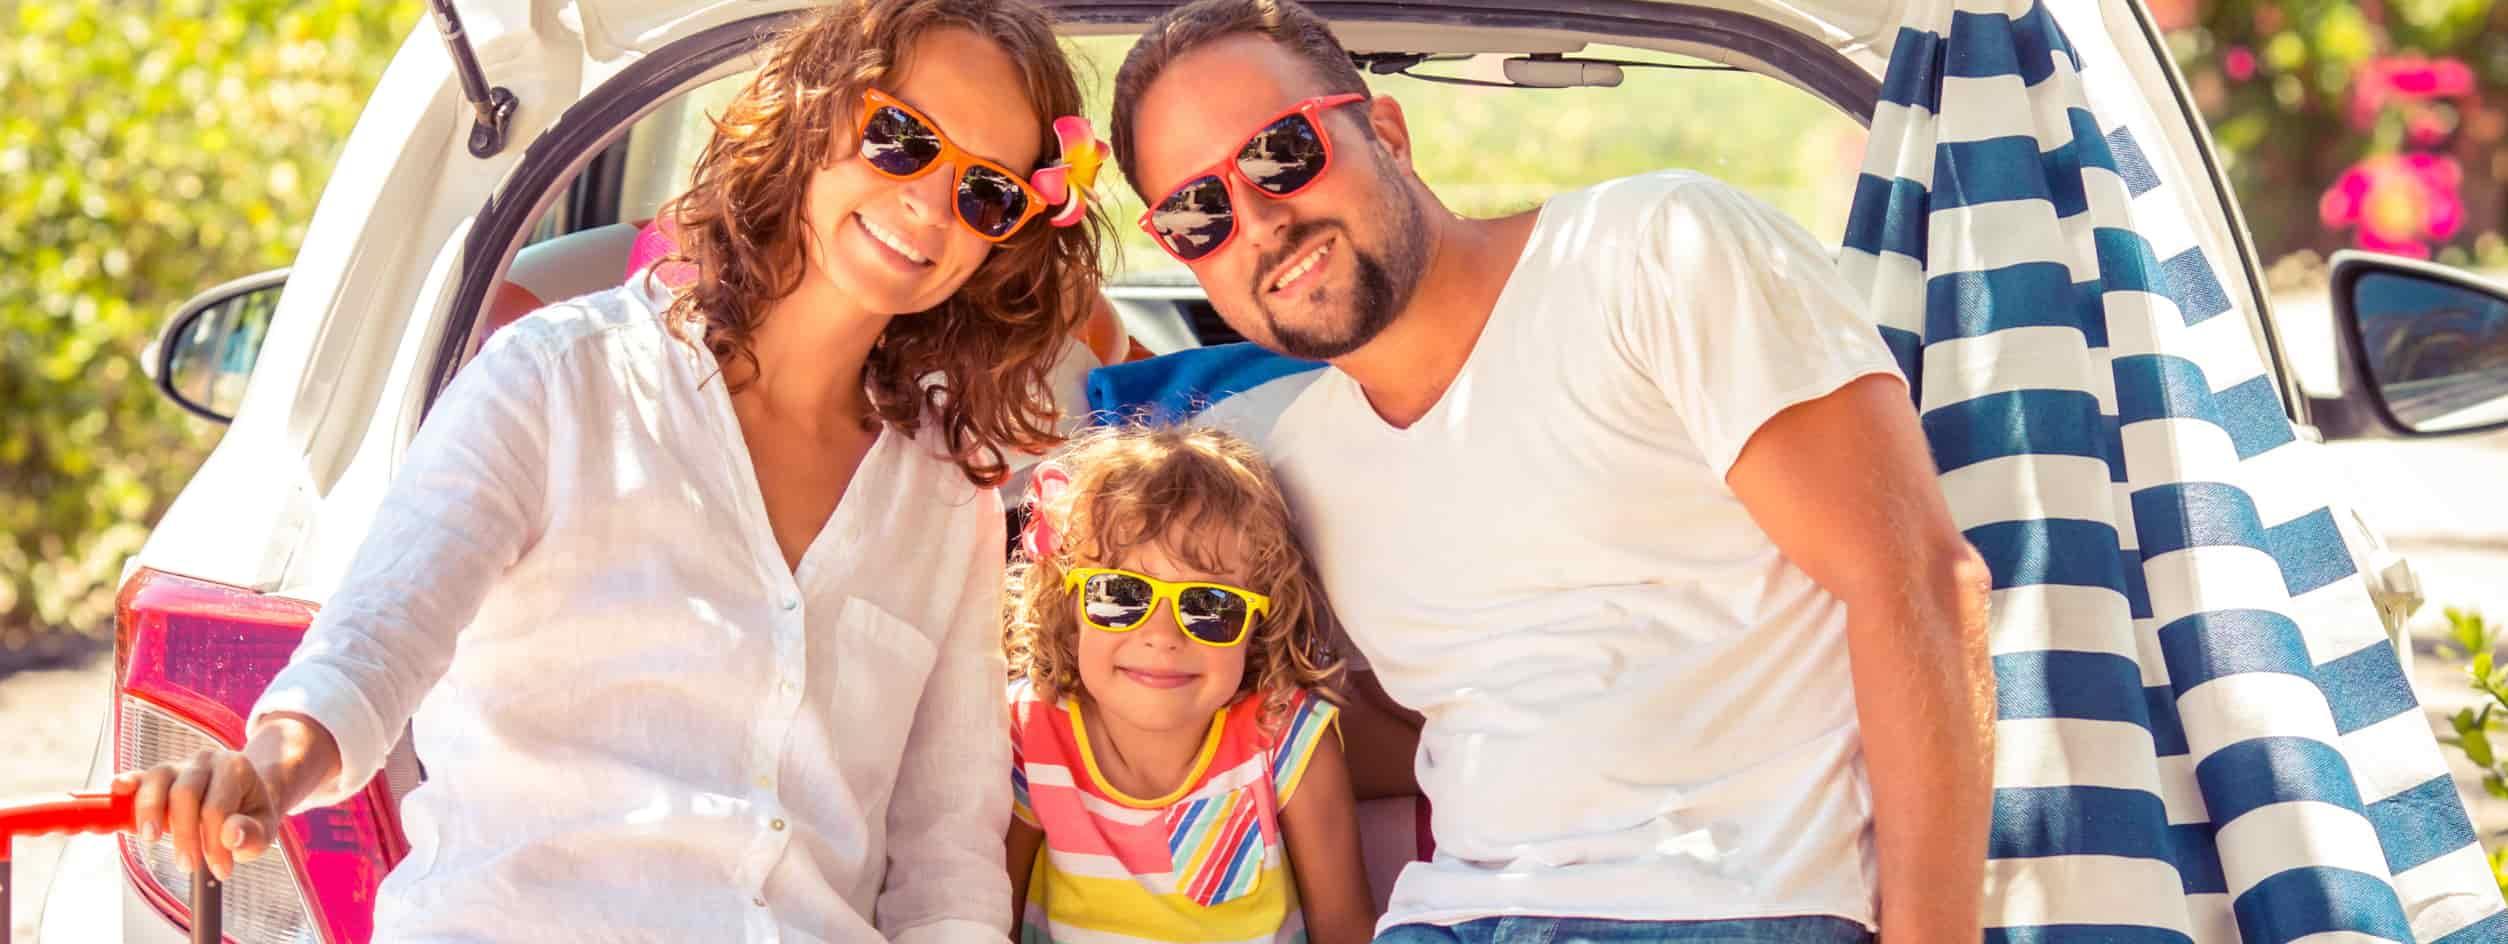 famille qui veut préparer sa voiture pour l'été avant les vacances 2017